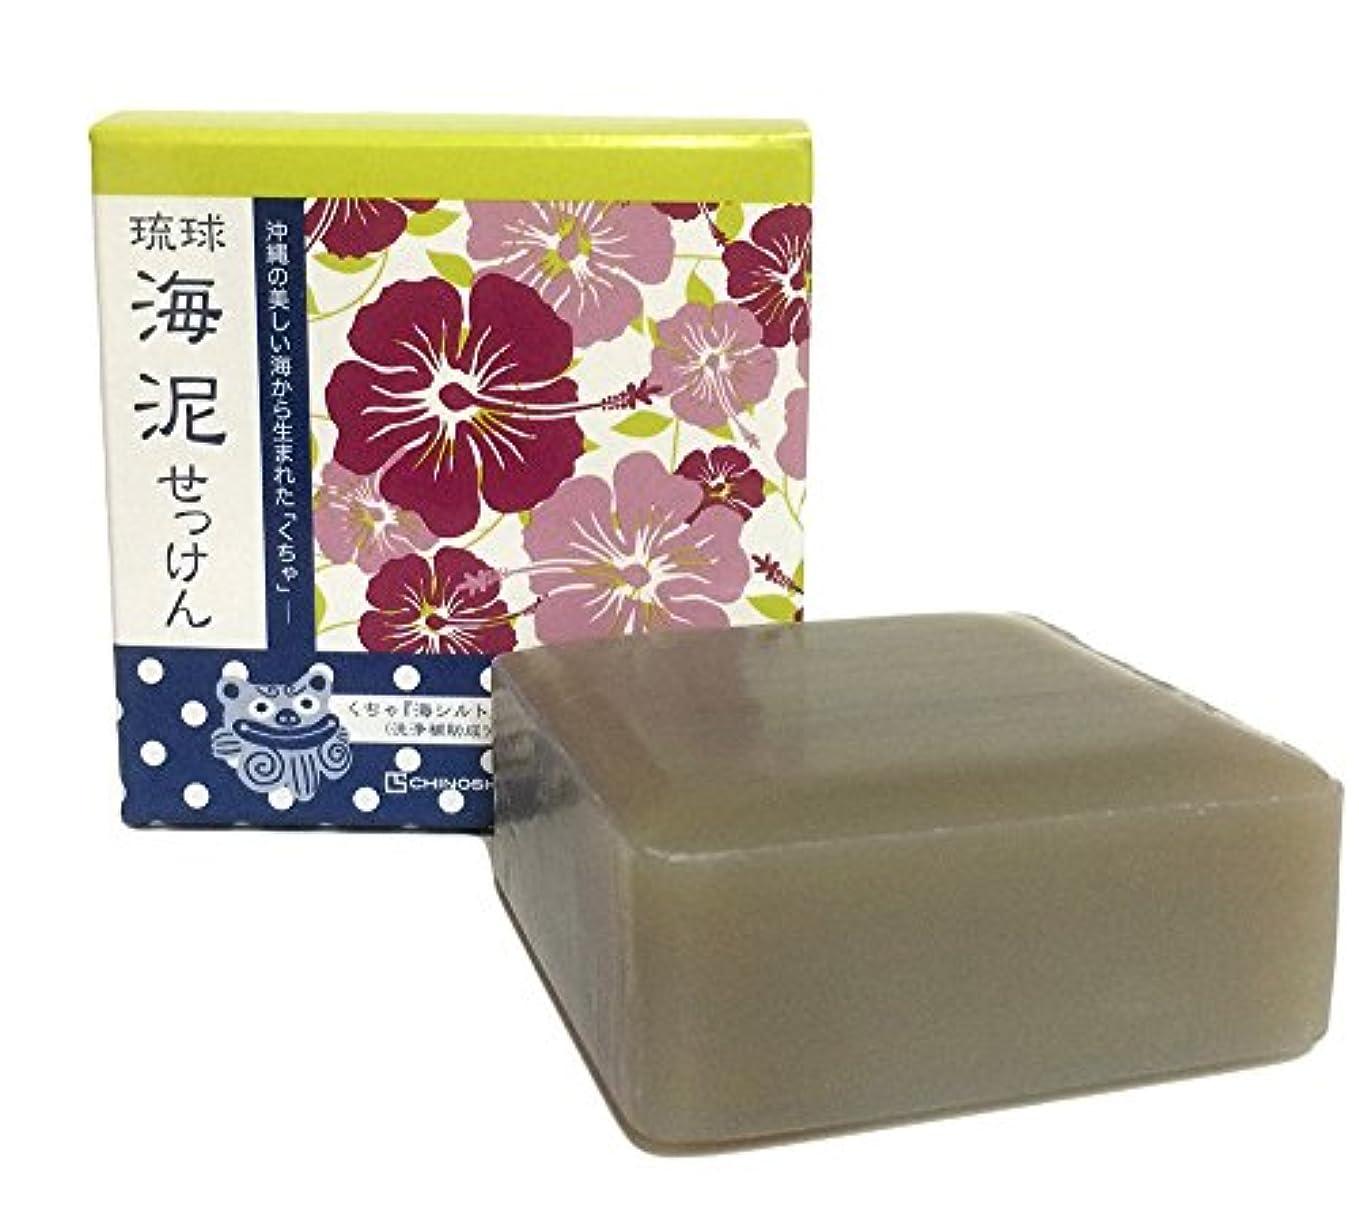 悪化させるバーマド溶接琉球海泥せっけん(クレイソープKD)1個入